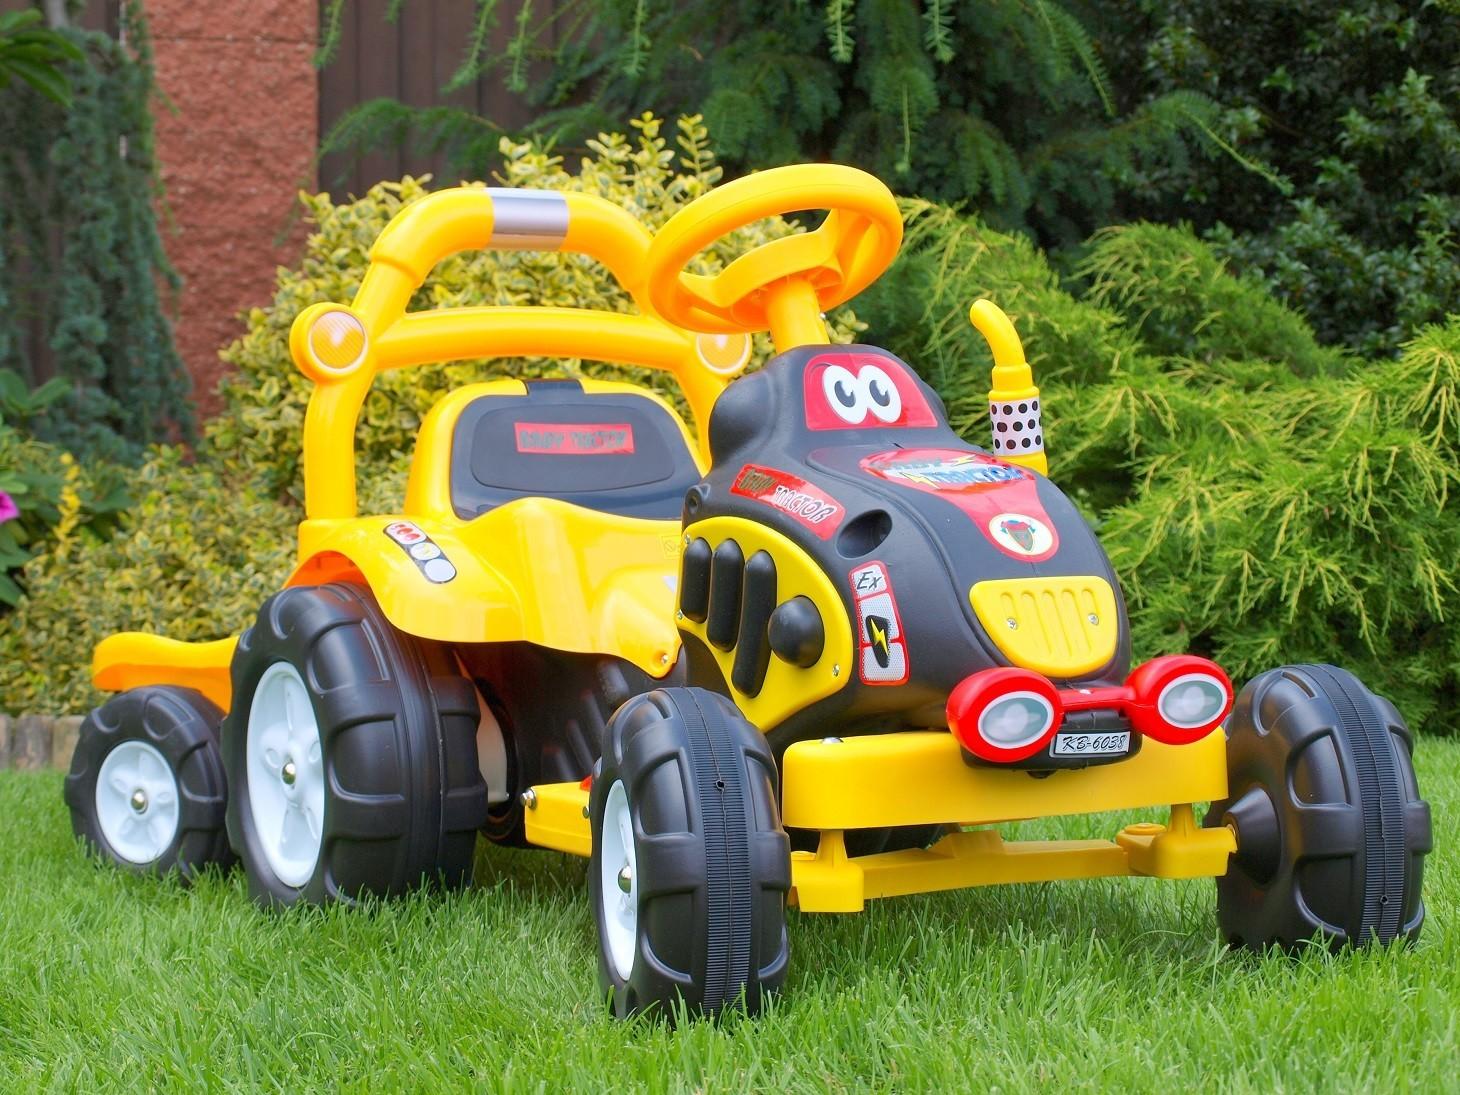 ChuChu Elektrický traktor s vlekem, nářadím a nálepkami, žlutý